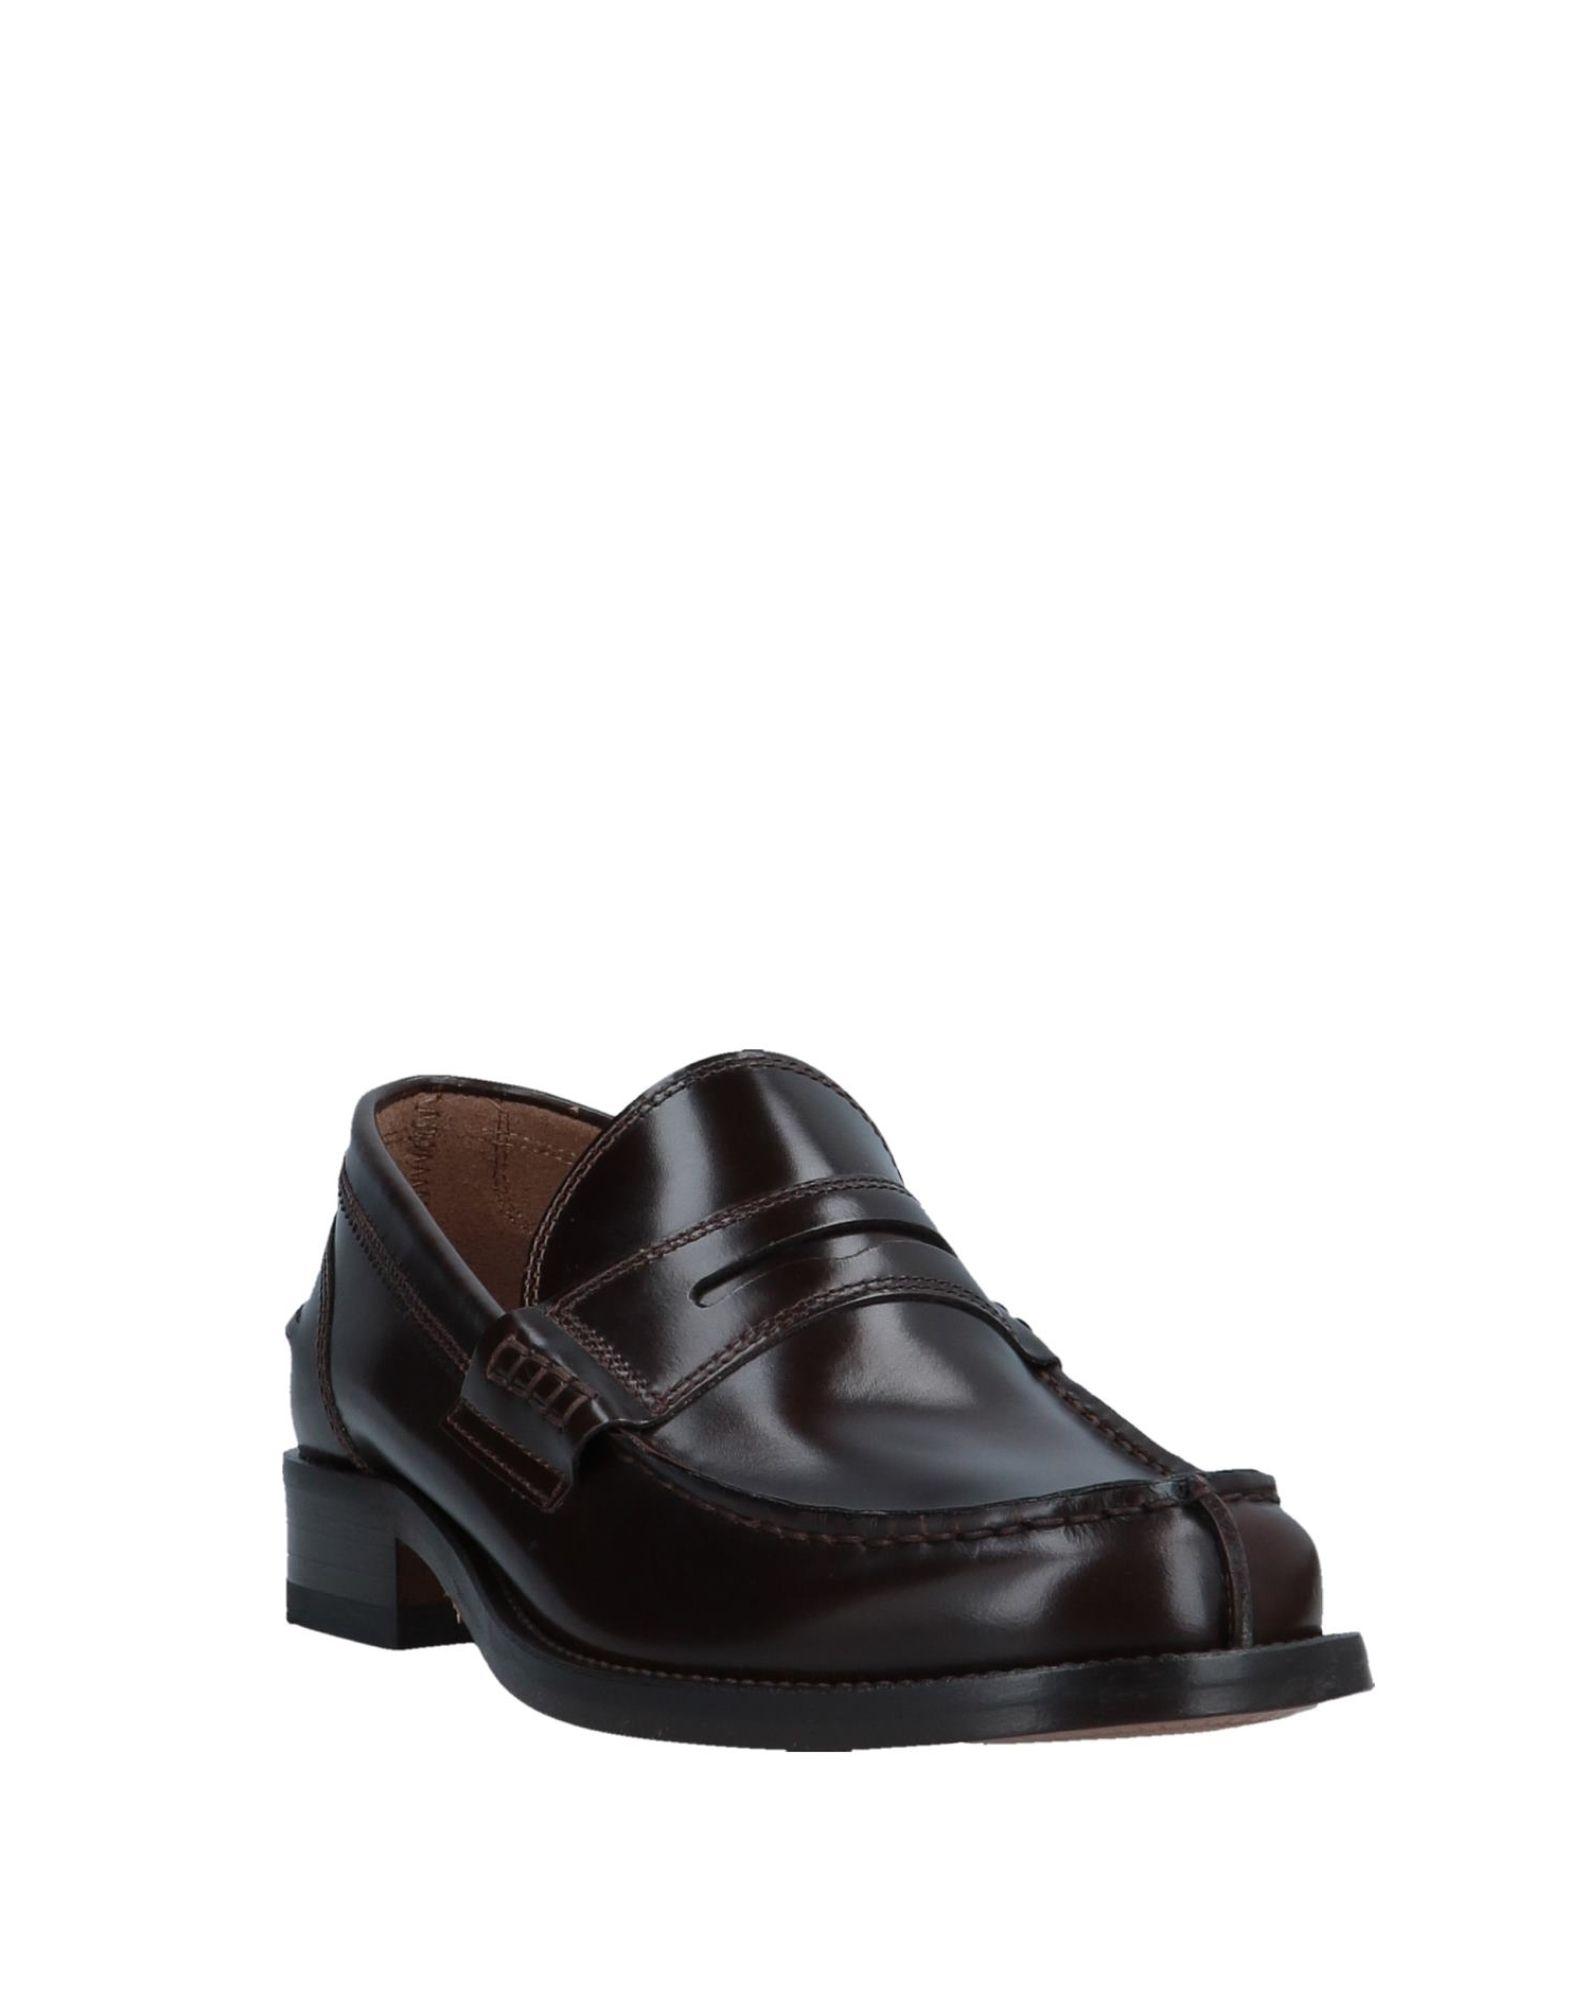 Rabatt echte Mokassins Schuhe Antica Cuoieria Mokassins echte Herren  11557209HW 047c72